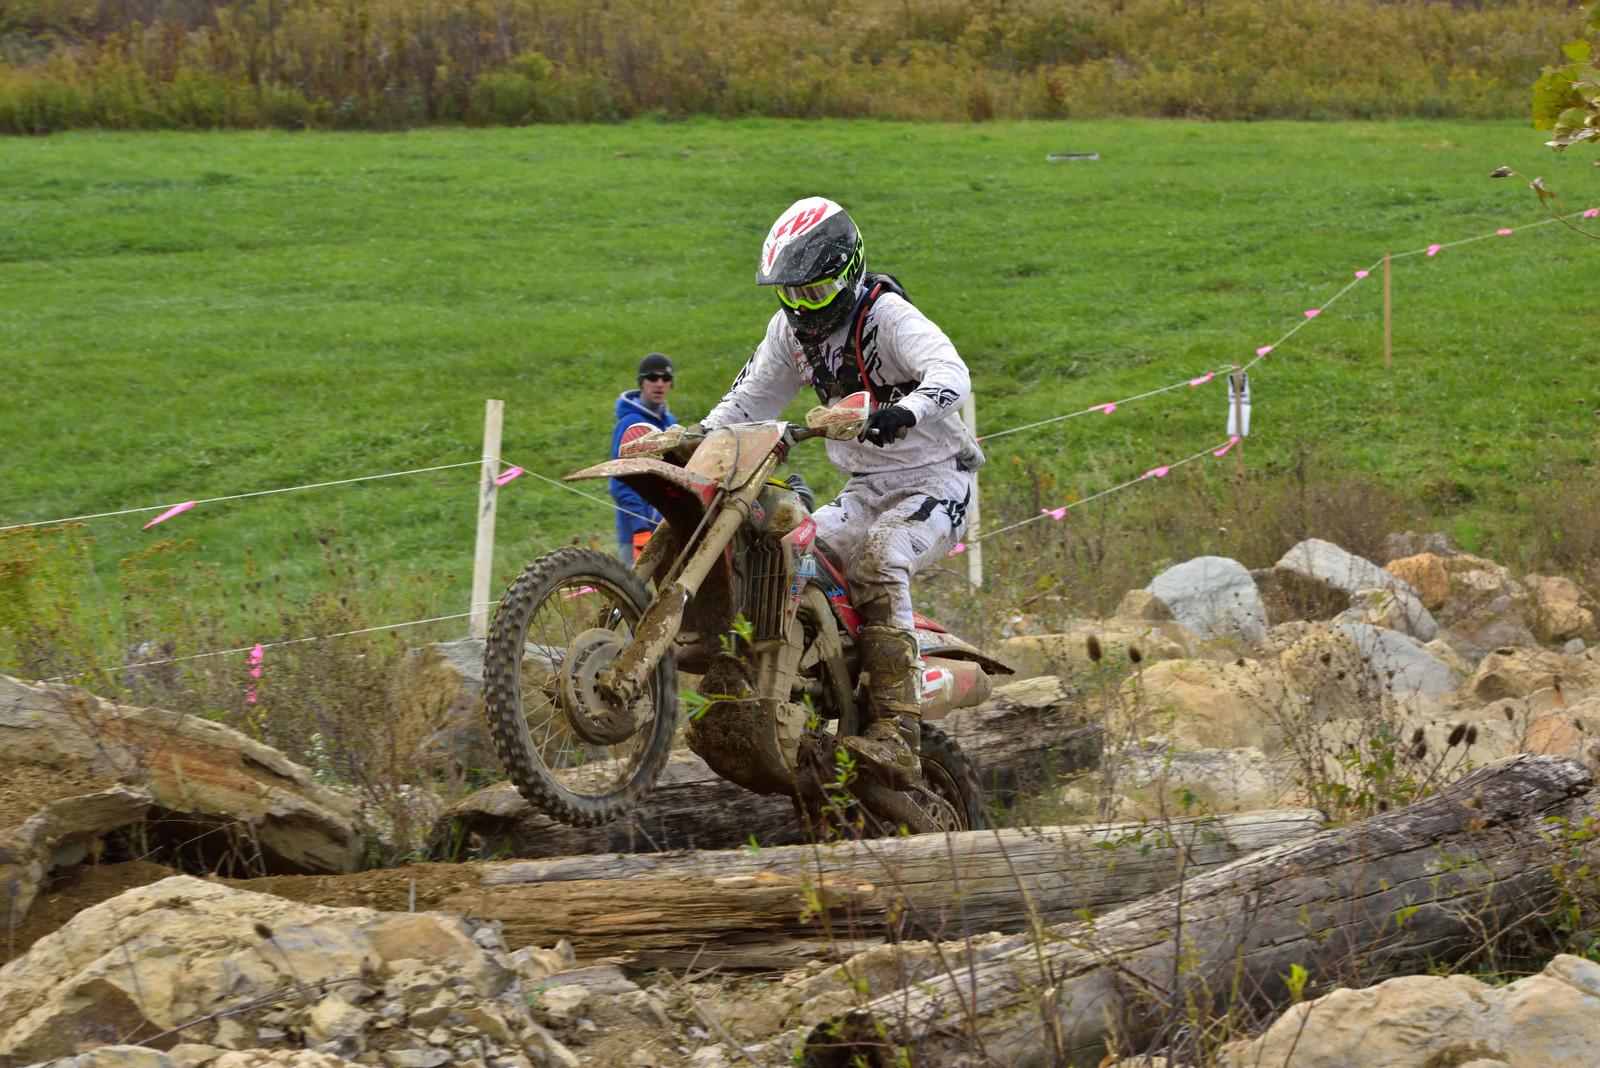 Chris Bach - Photo Blast: Powerline Park GNCC - Motocross Pictures - Vital MX